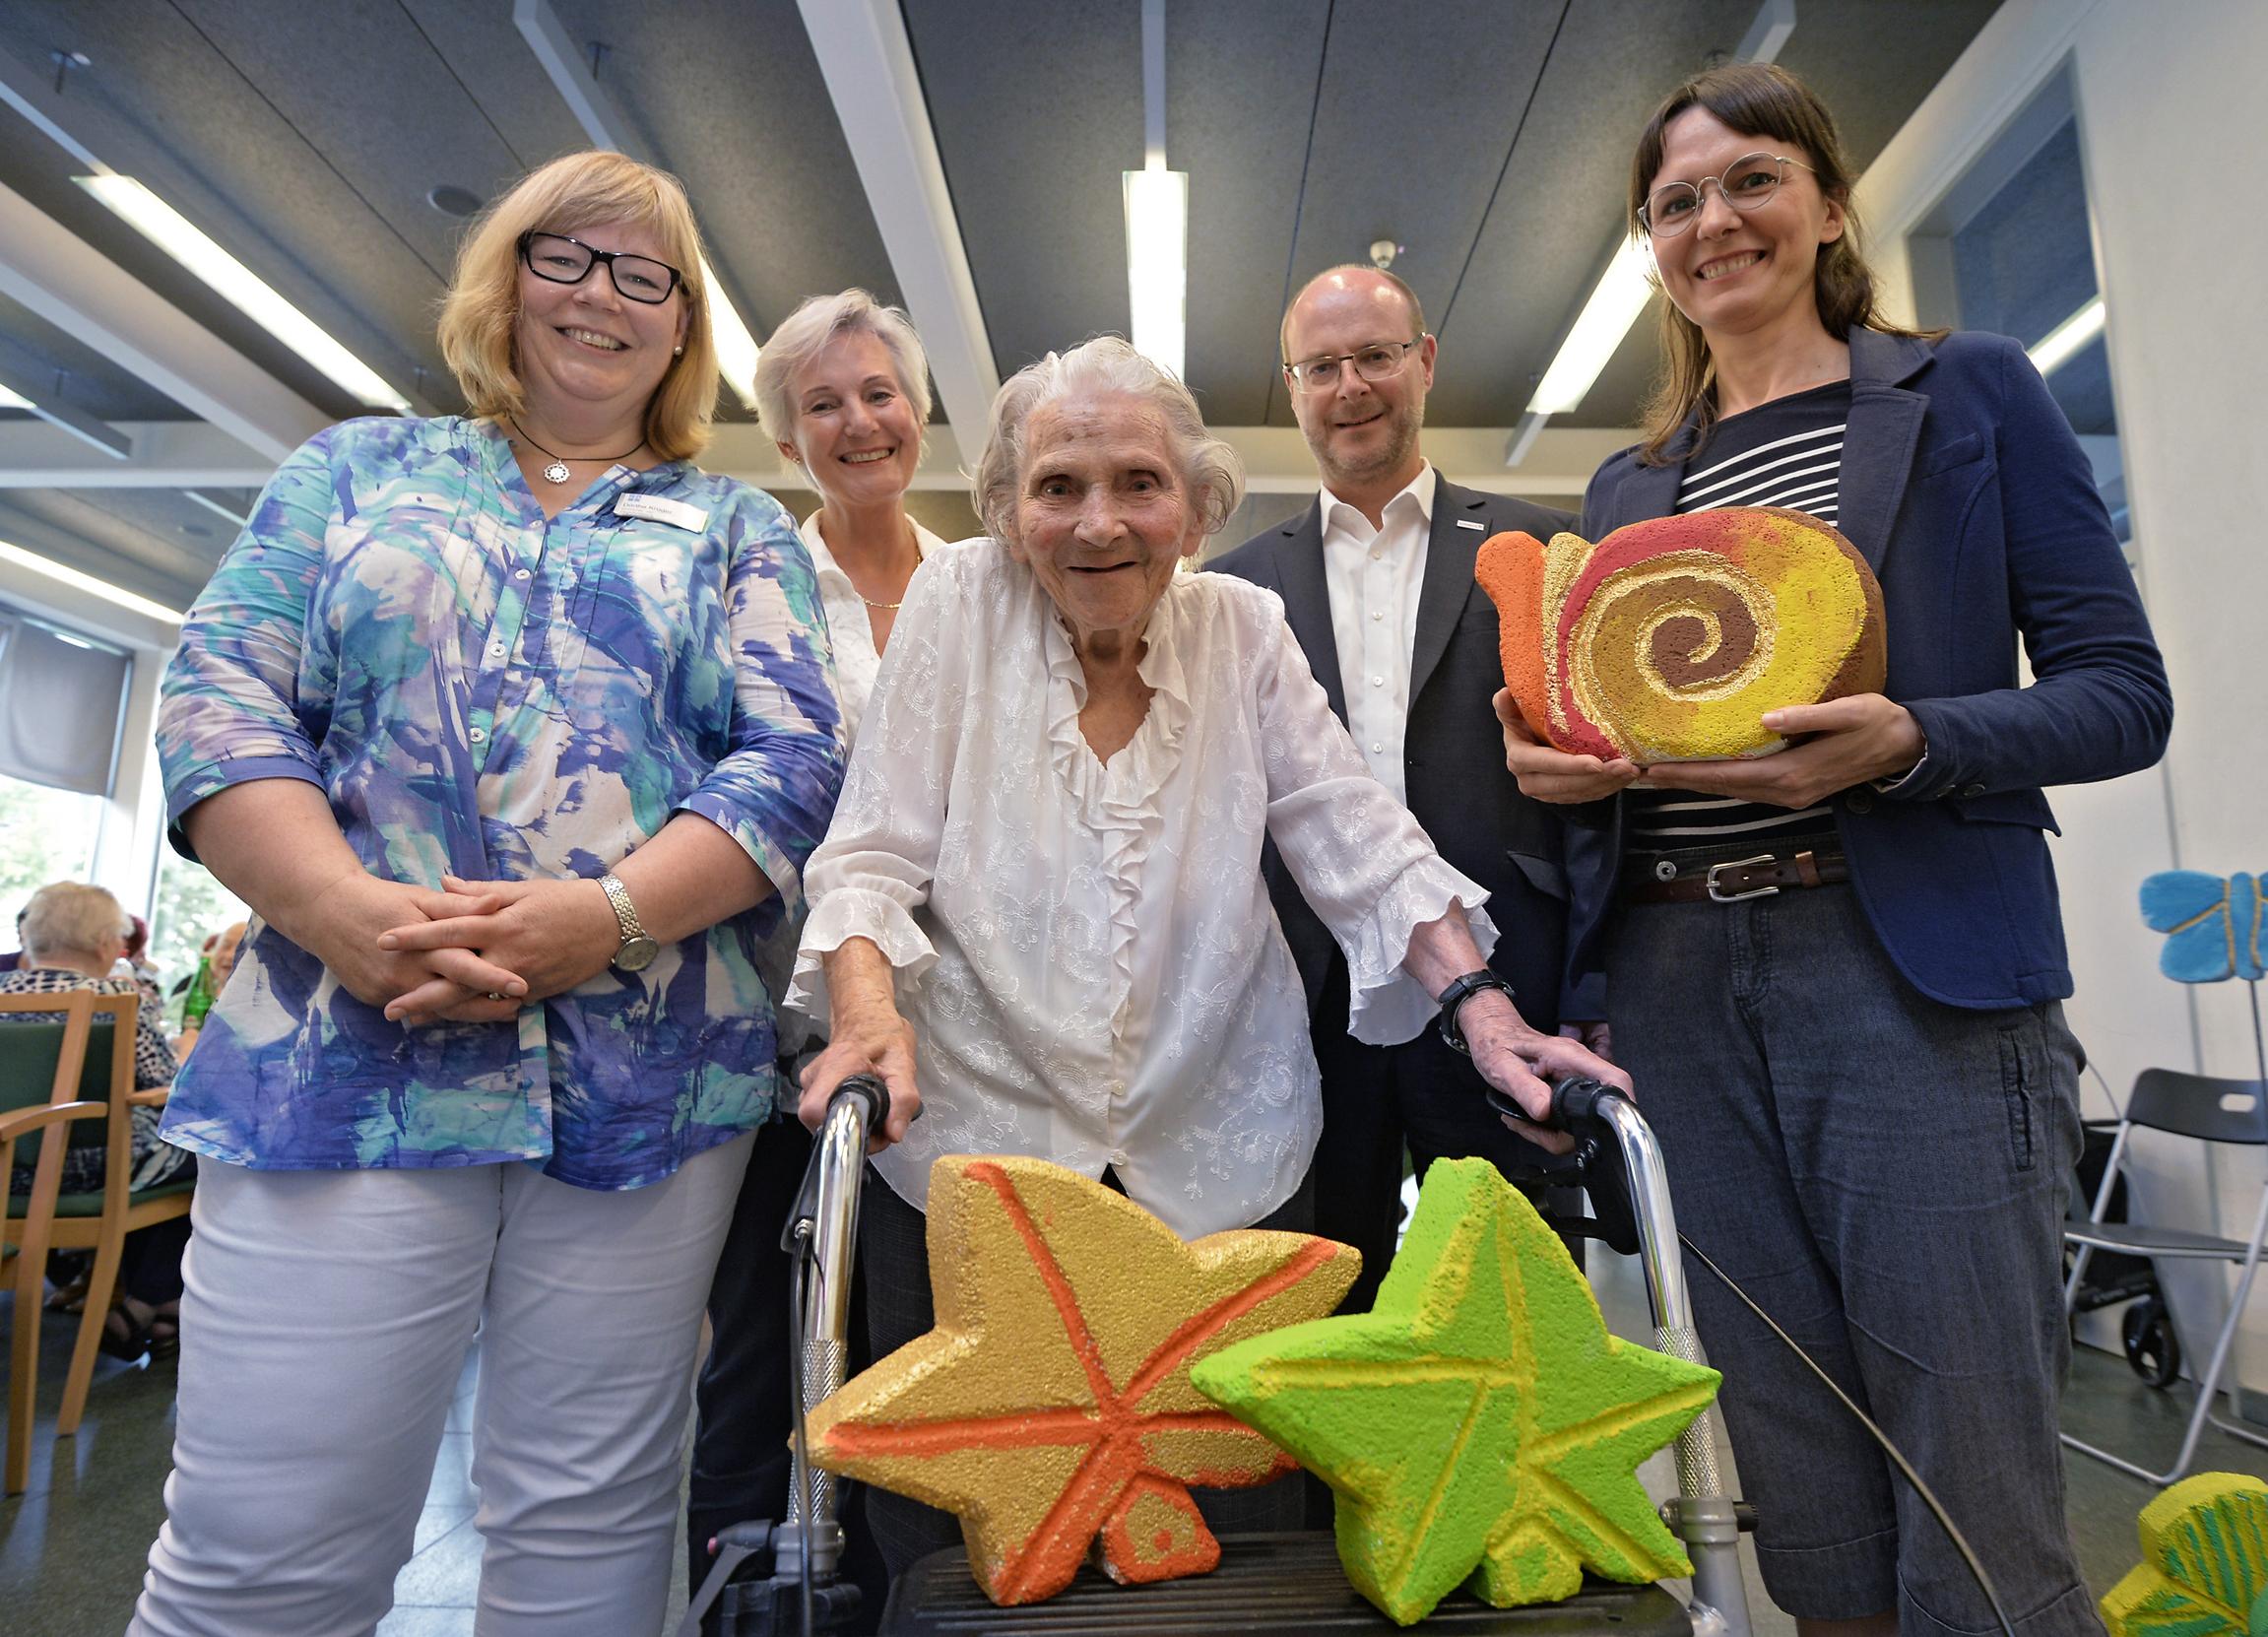 v.l. Dörthe Krüger, Ellen Weinebrod, Bewohnerin Sibille Stöffges, Dr. Günter Hilken sowie Yvonne Wilczynski. (Foto: Currenta)